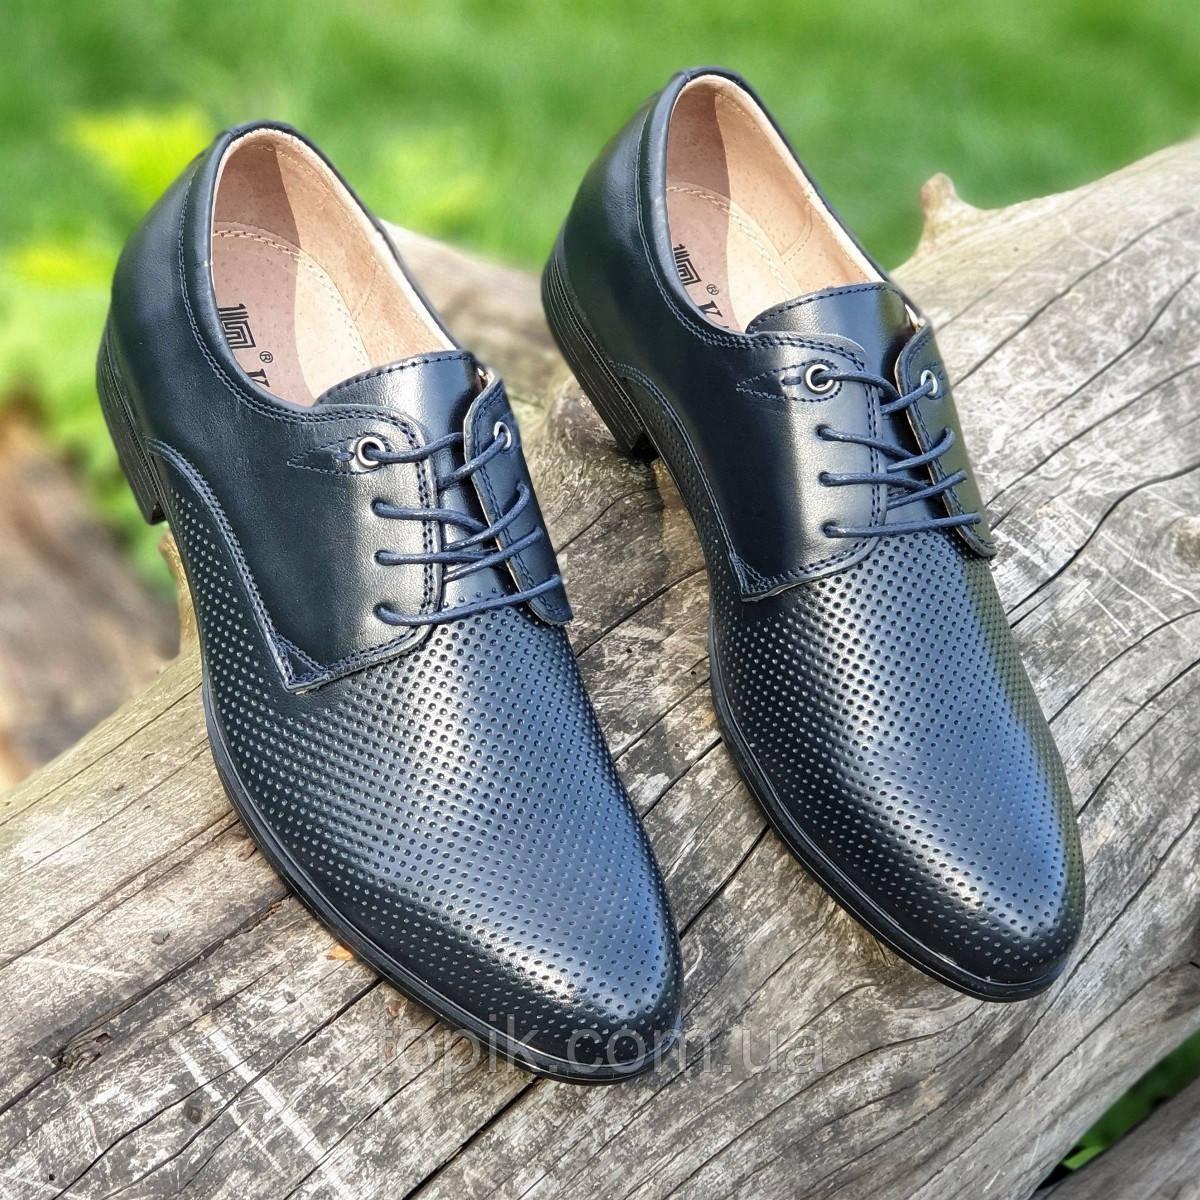 Мужские летние модельные кожаные туфли на шнурках в дырочку (Код: 1467а)